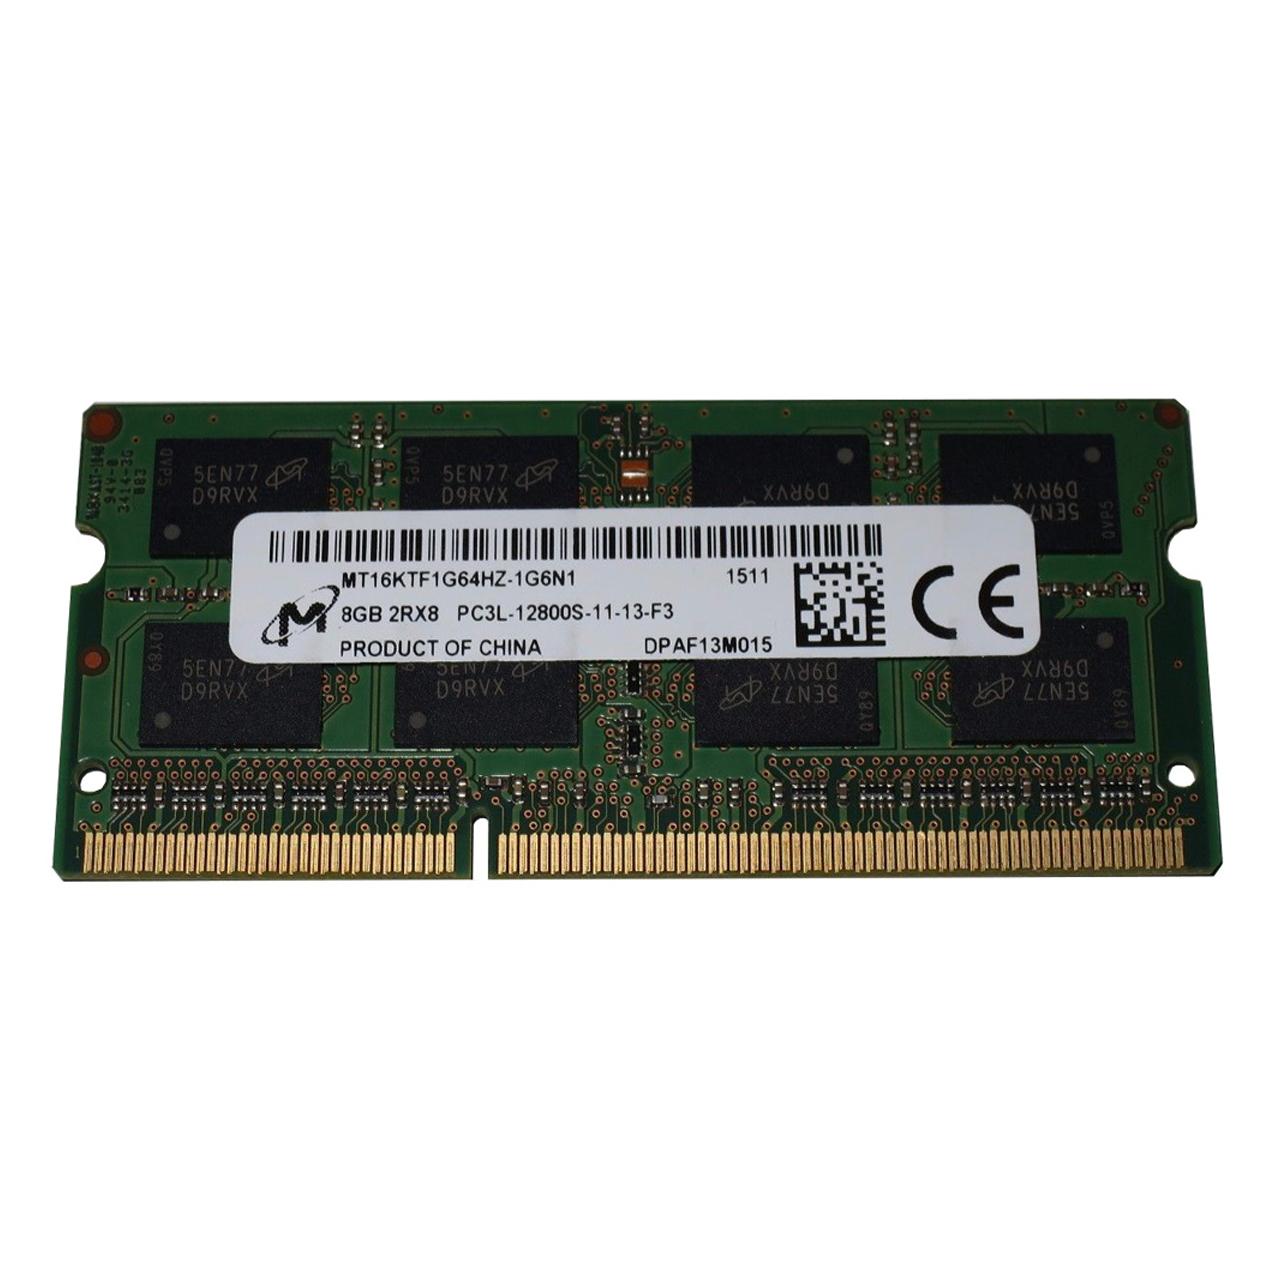 رم لپ تاپ میکرون مدل 1600 DDR3L PC3L 12800S MHz ظرفیت 8 گیگابایت